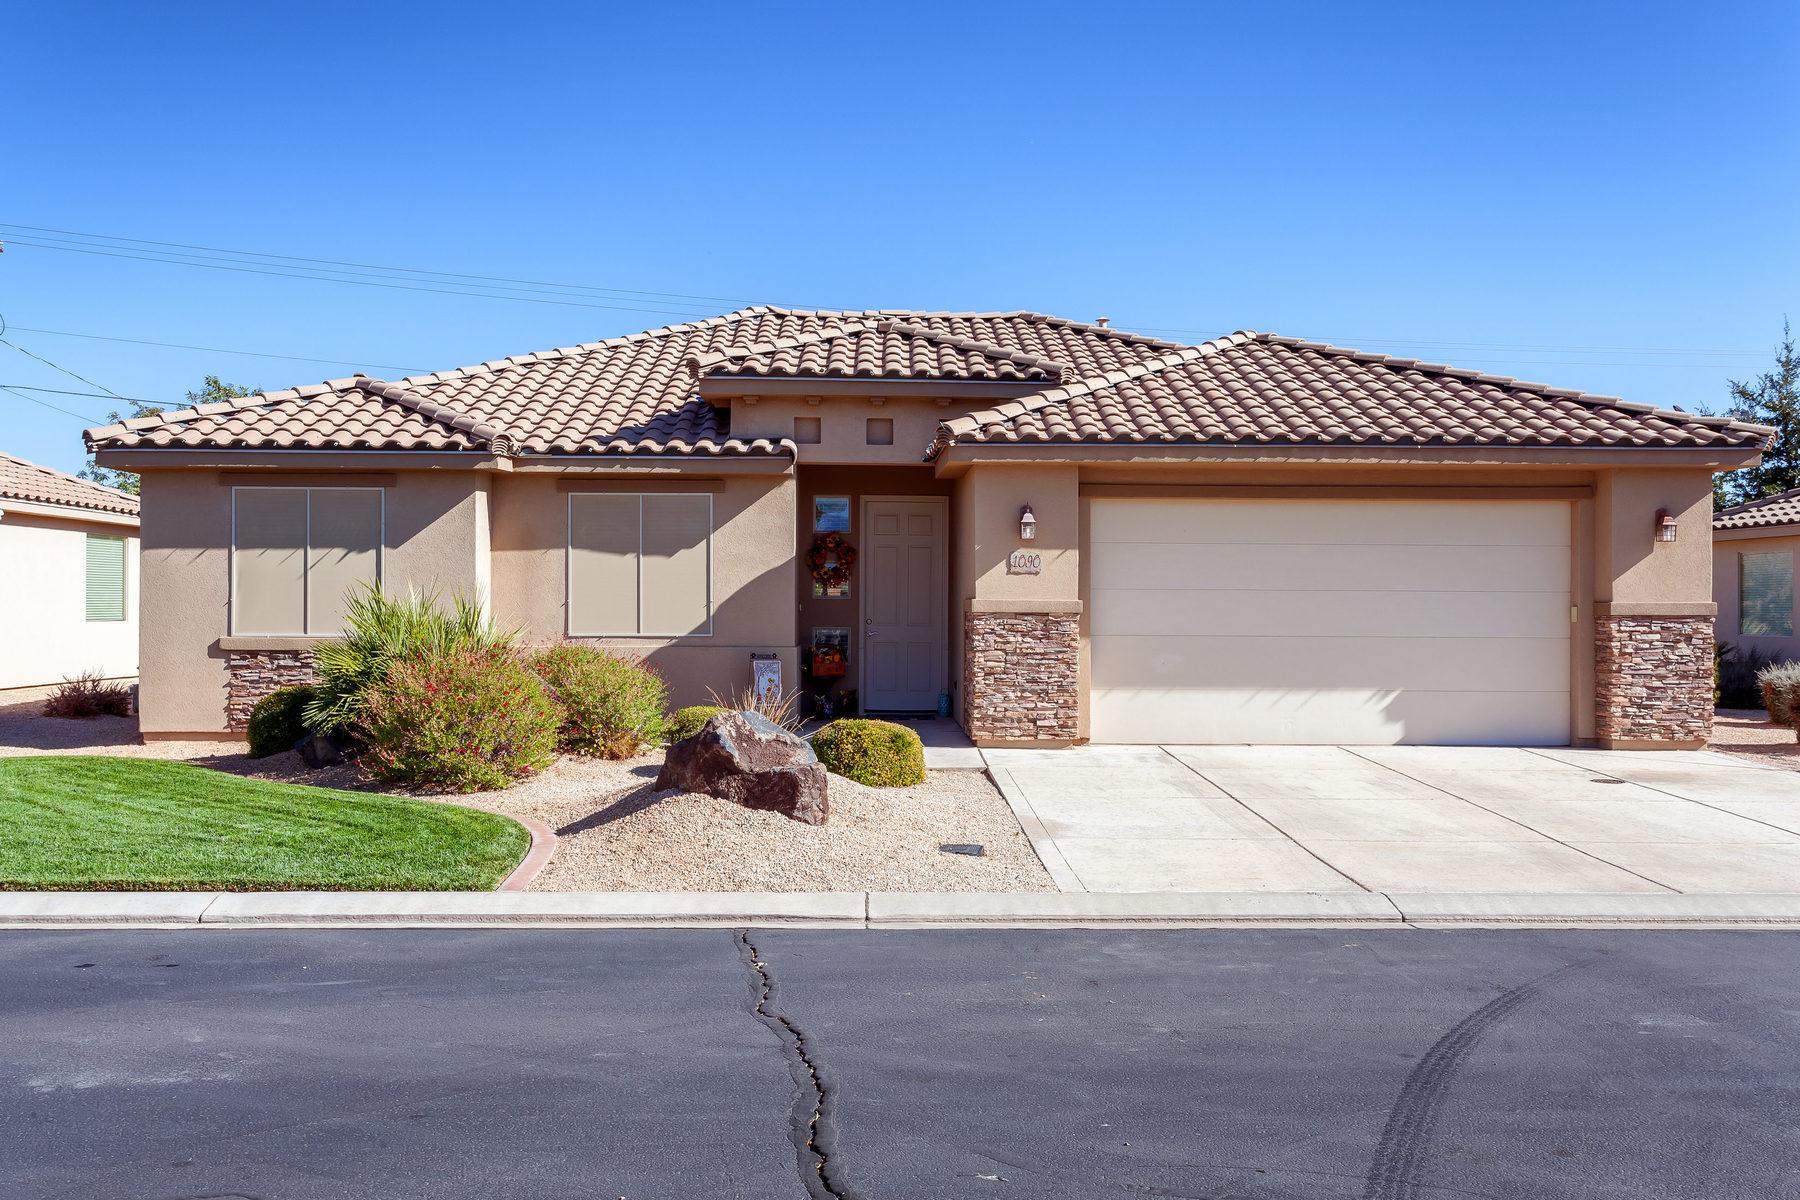 Maison unifamiliale pour l Vente à Green Springs Gem 1090 N Sundown Dr Washington, Utah, 84780 États-Unis